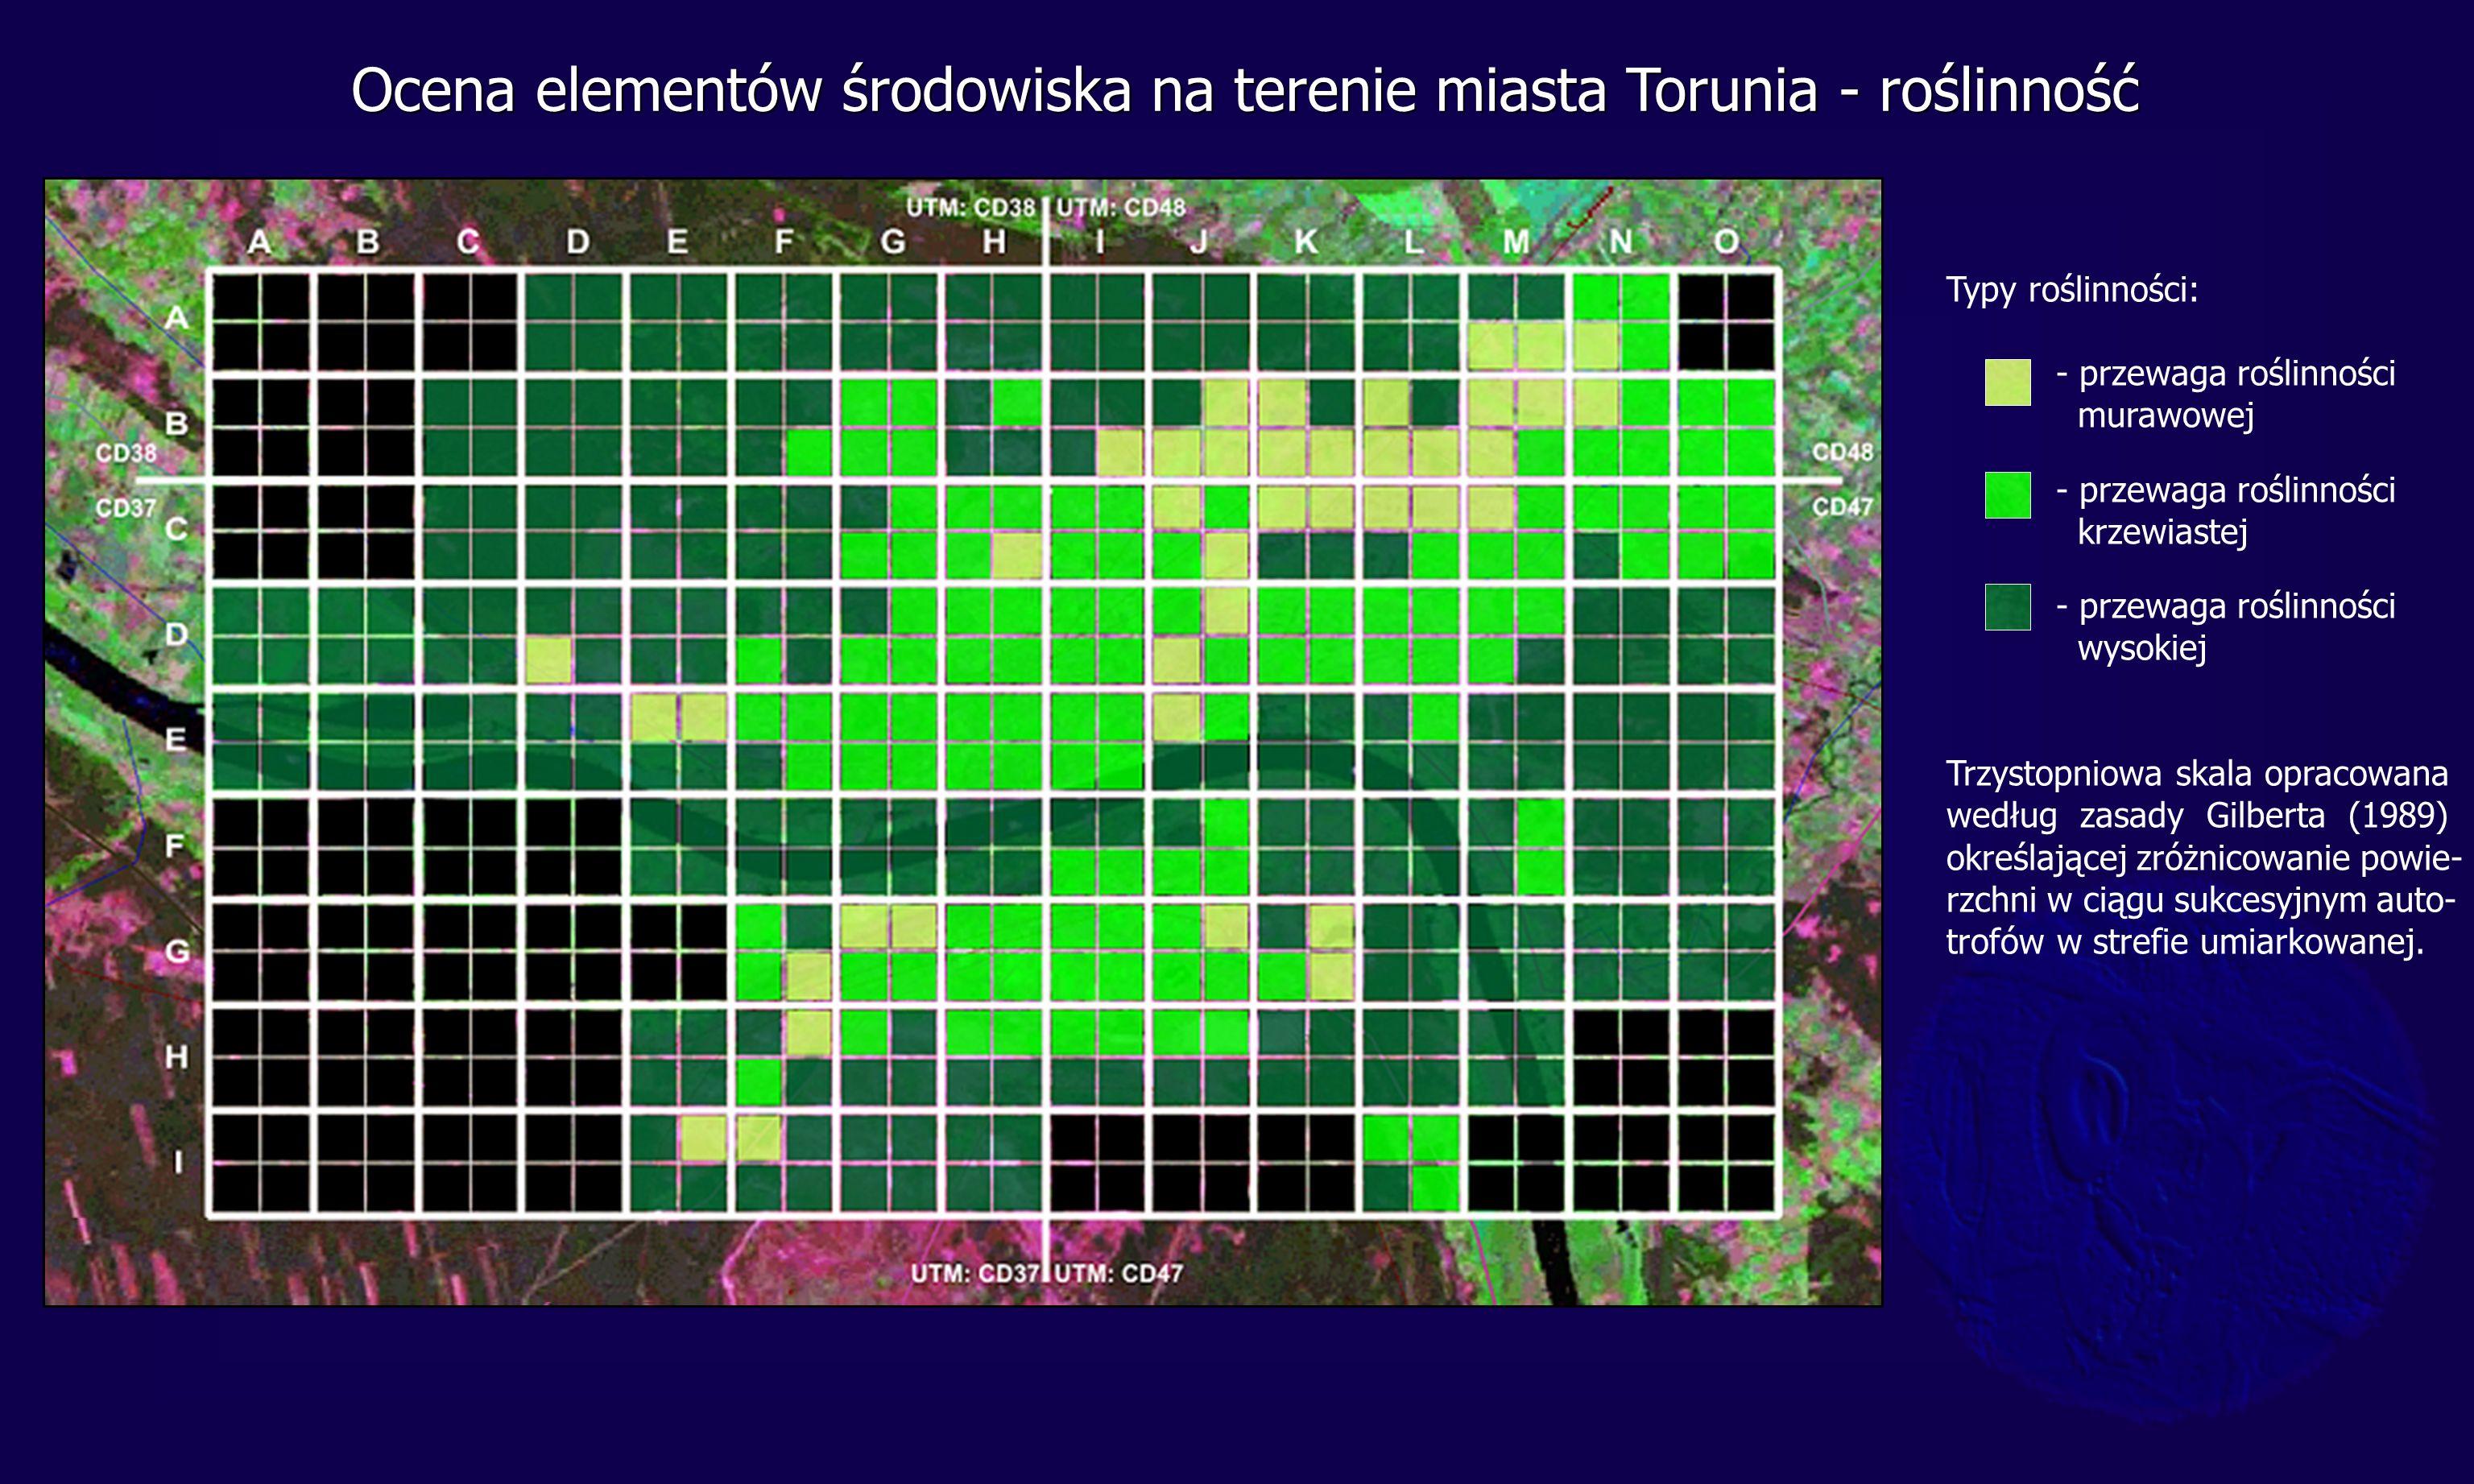 Typy roślinności: - przewaga roślinności murawowej - przewaga roślinności krzewiastej - przewaga roślinności wysokiej Trzystopniowa skala opracowana w